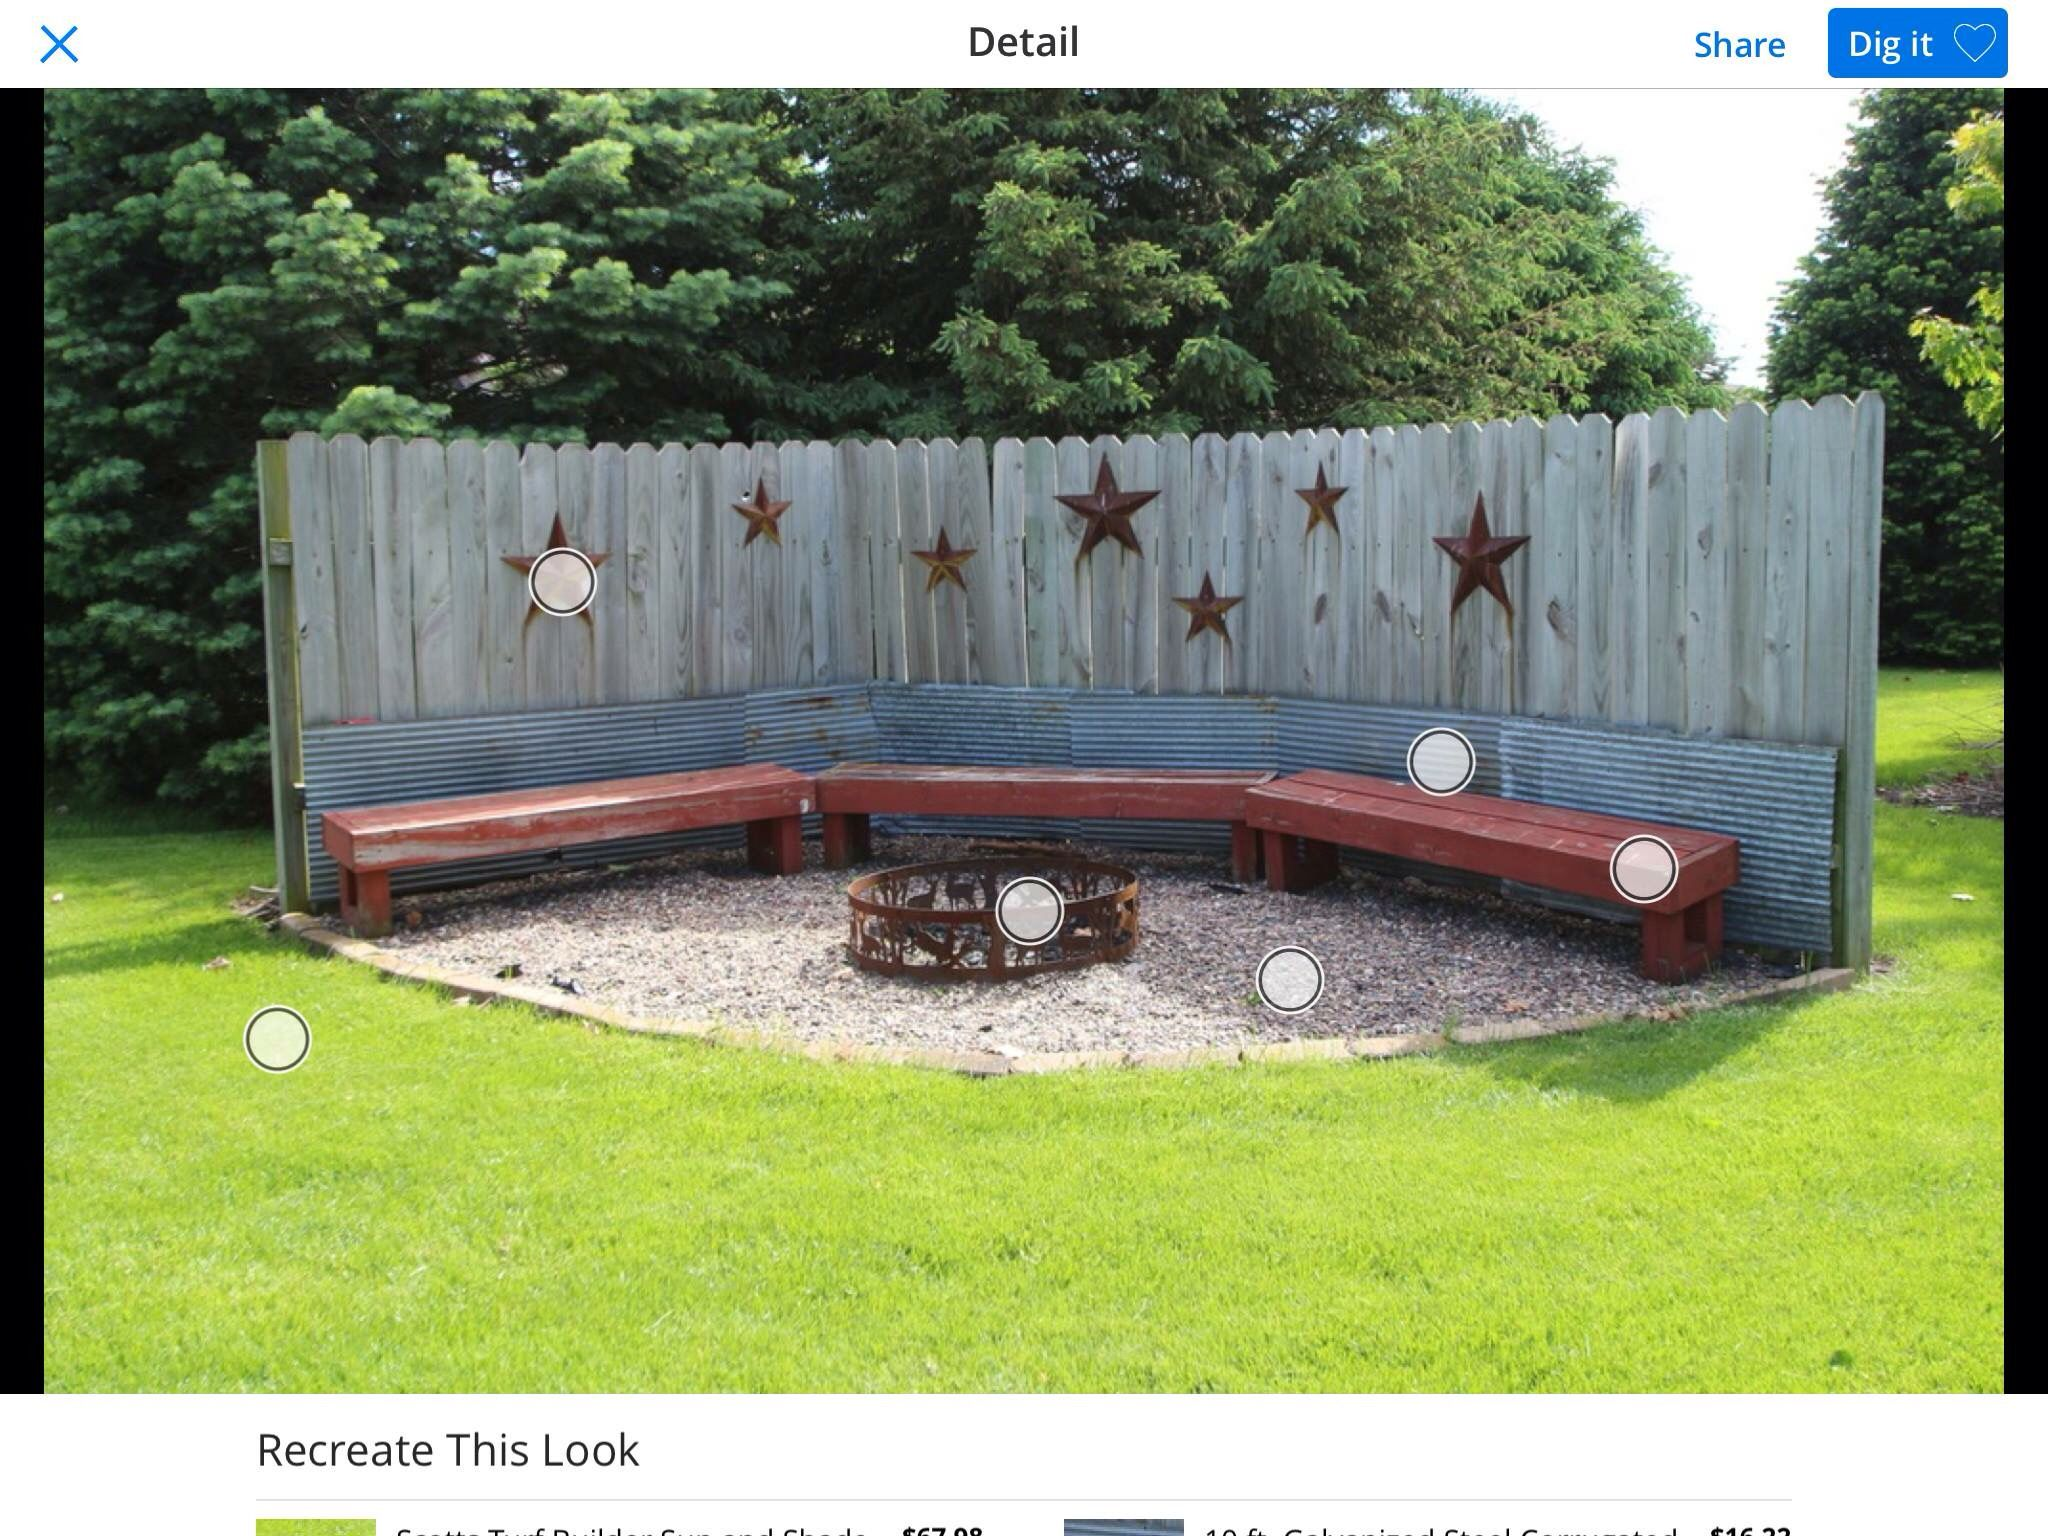 patio wind block ideas Fire pit + wind block | Yard ideas | Fire pit backyard